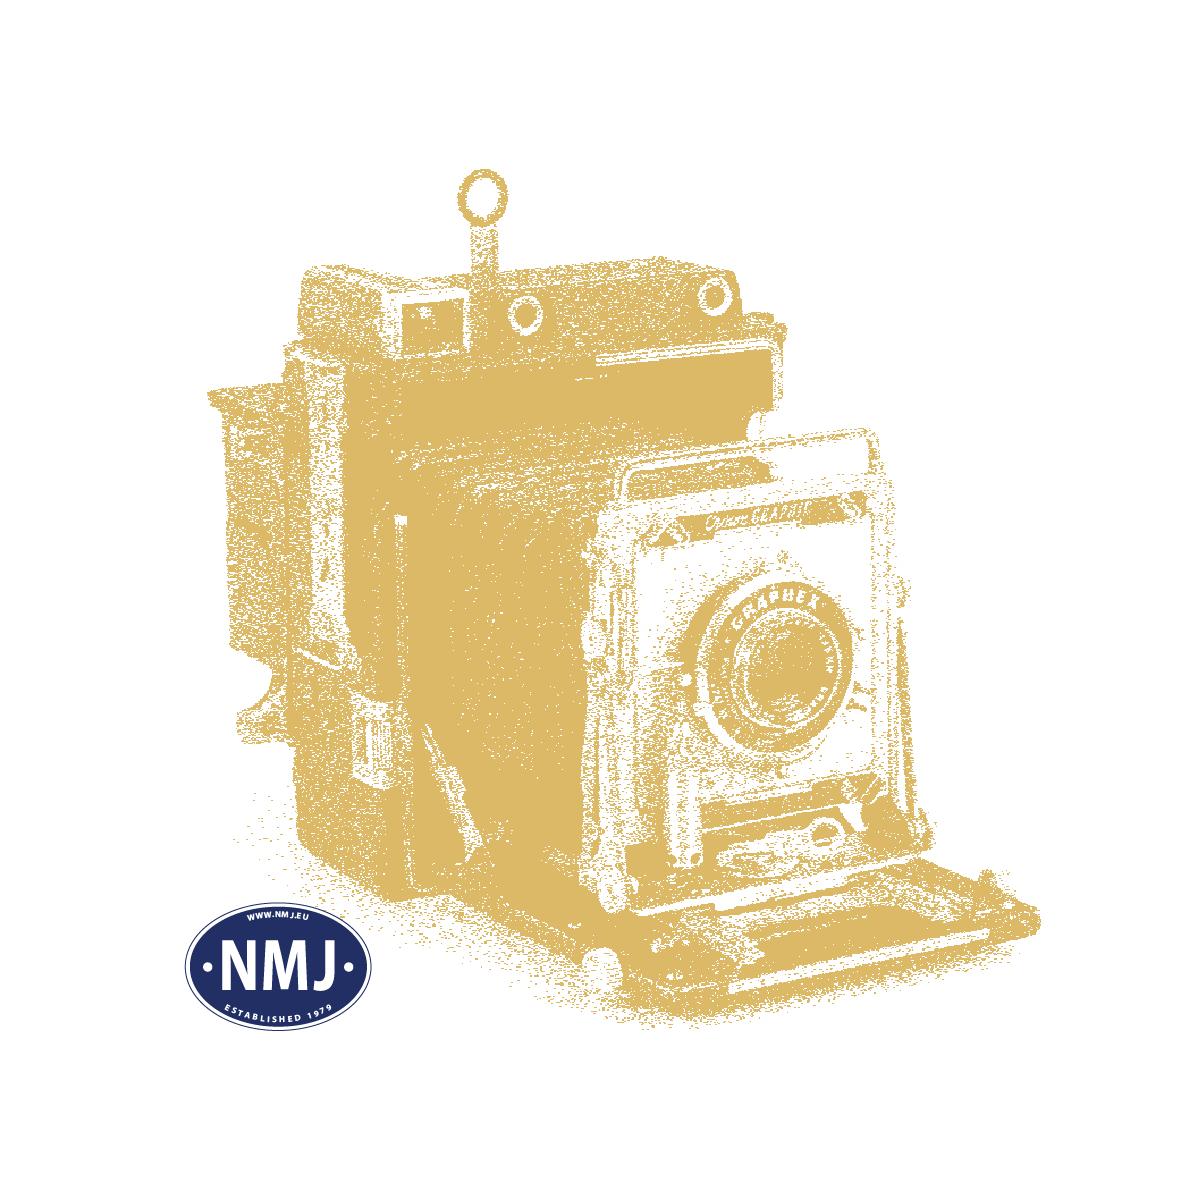 NMJT605.201 - NMJ Topline SJ Ibblps 805 8 600-9 kjølevogn